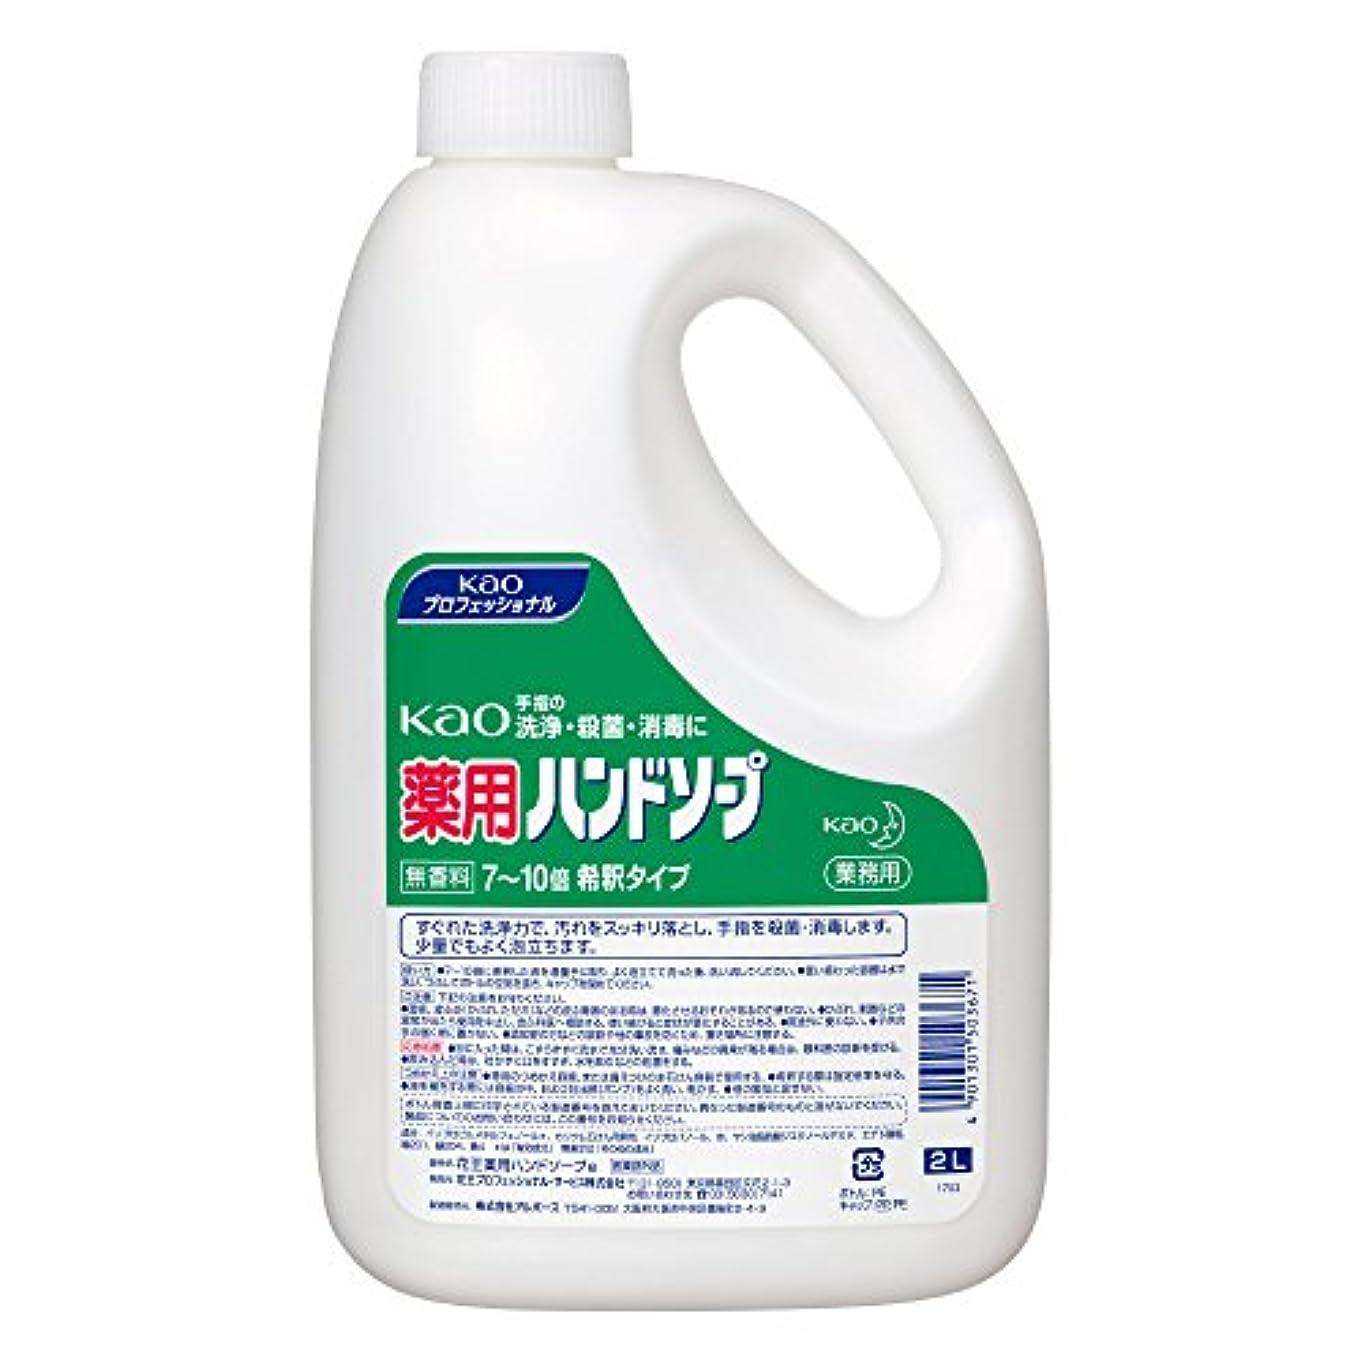 削る洗う味【業務用 ハンドソープ】Kao 薬用 ハンドソープ 2L(花王プロフェッショナルシリーズ)